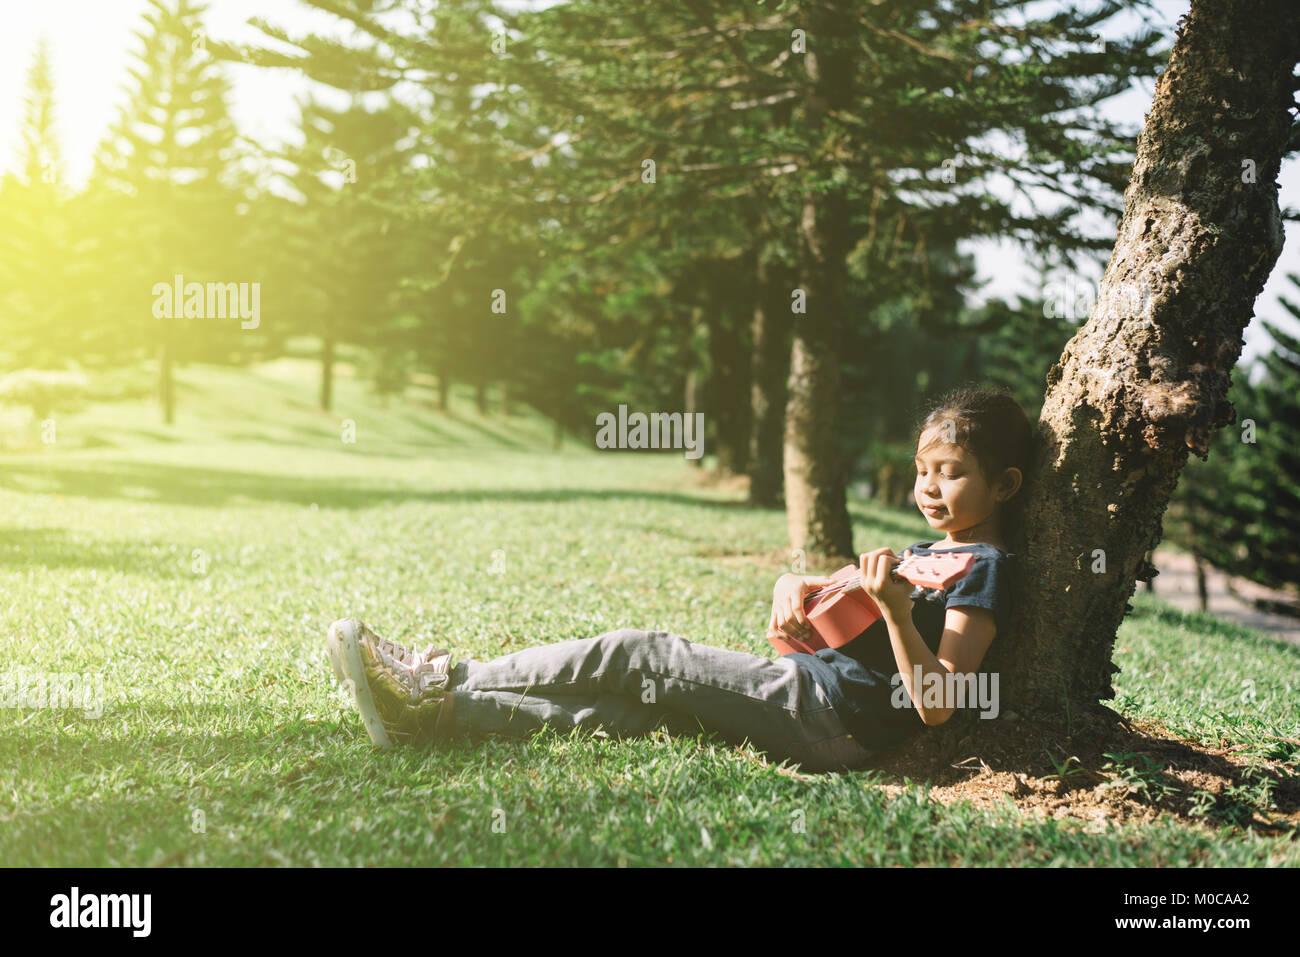 Les jeunes et happy asian girl Playing with ukulélé guitare au parc sous le soleil de matin. hobbies et Photo Stock